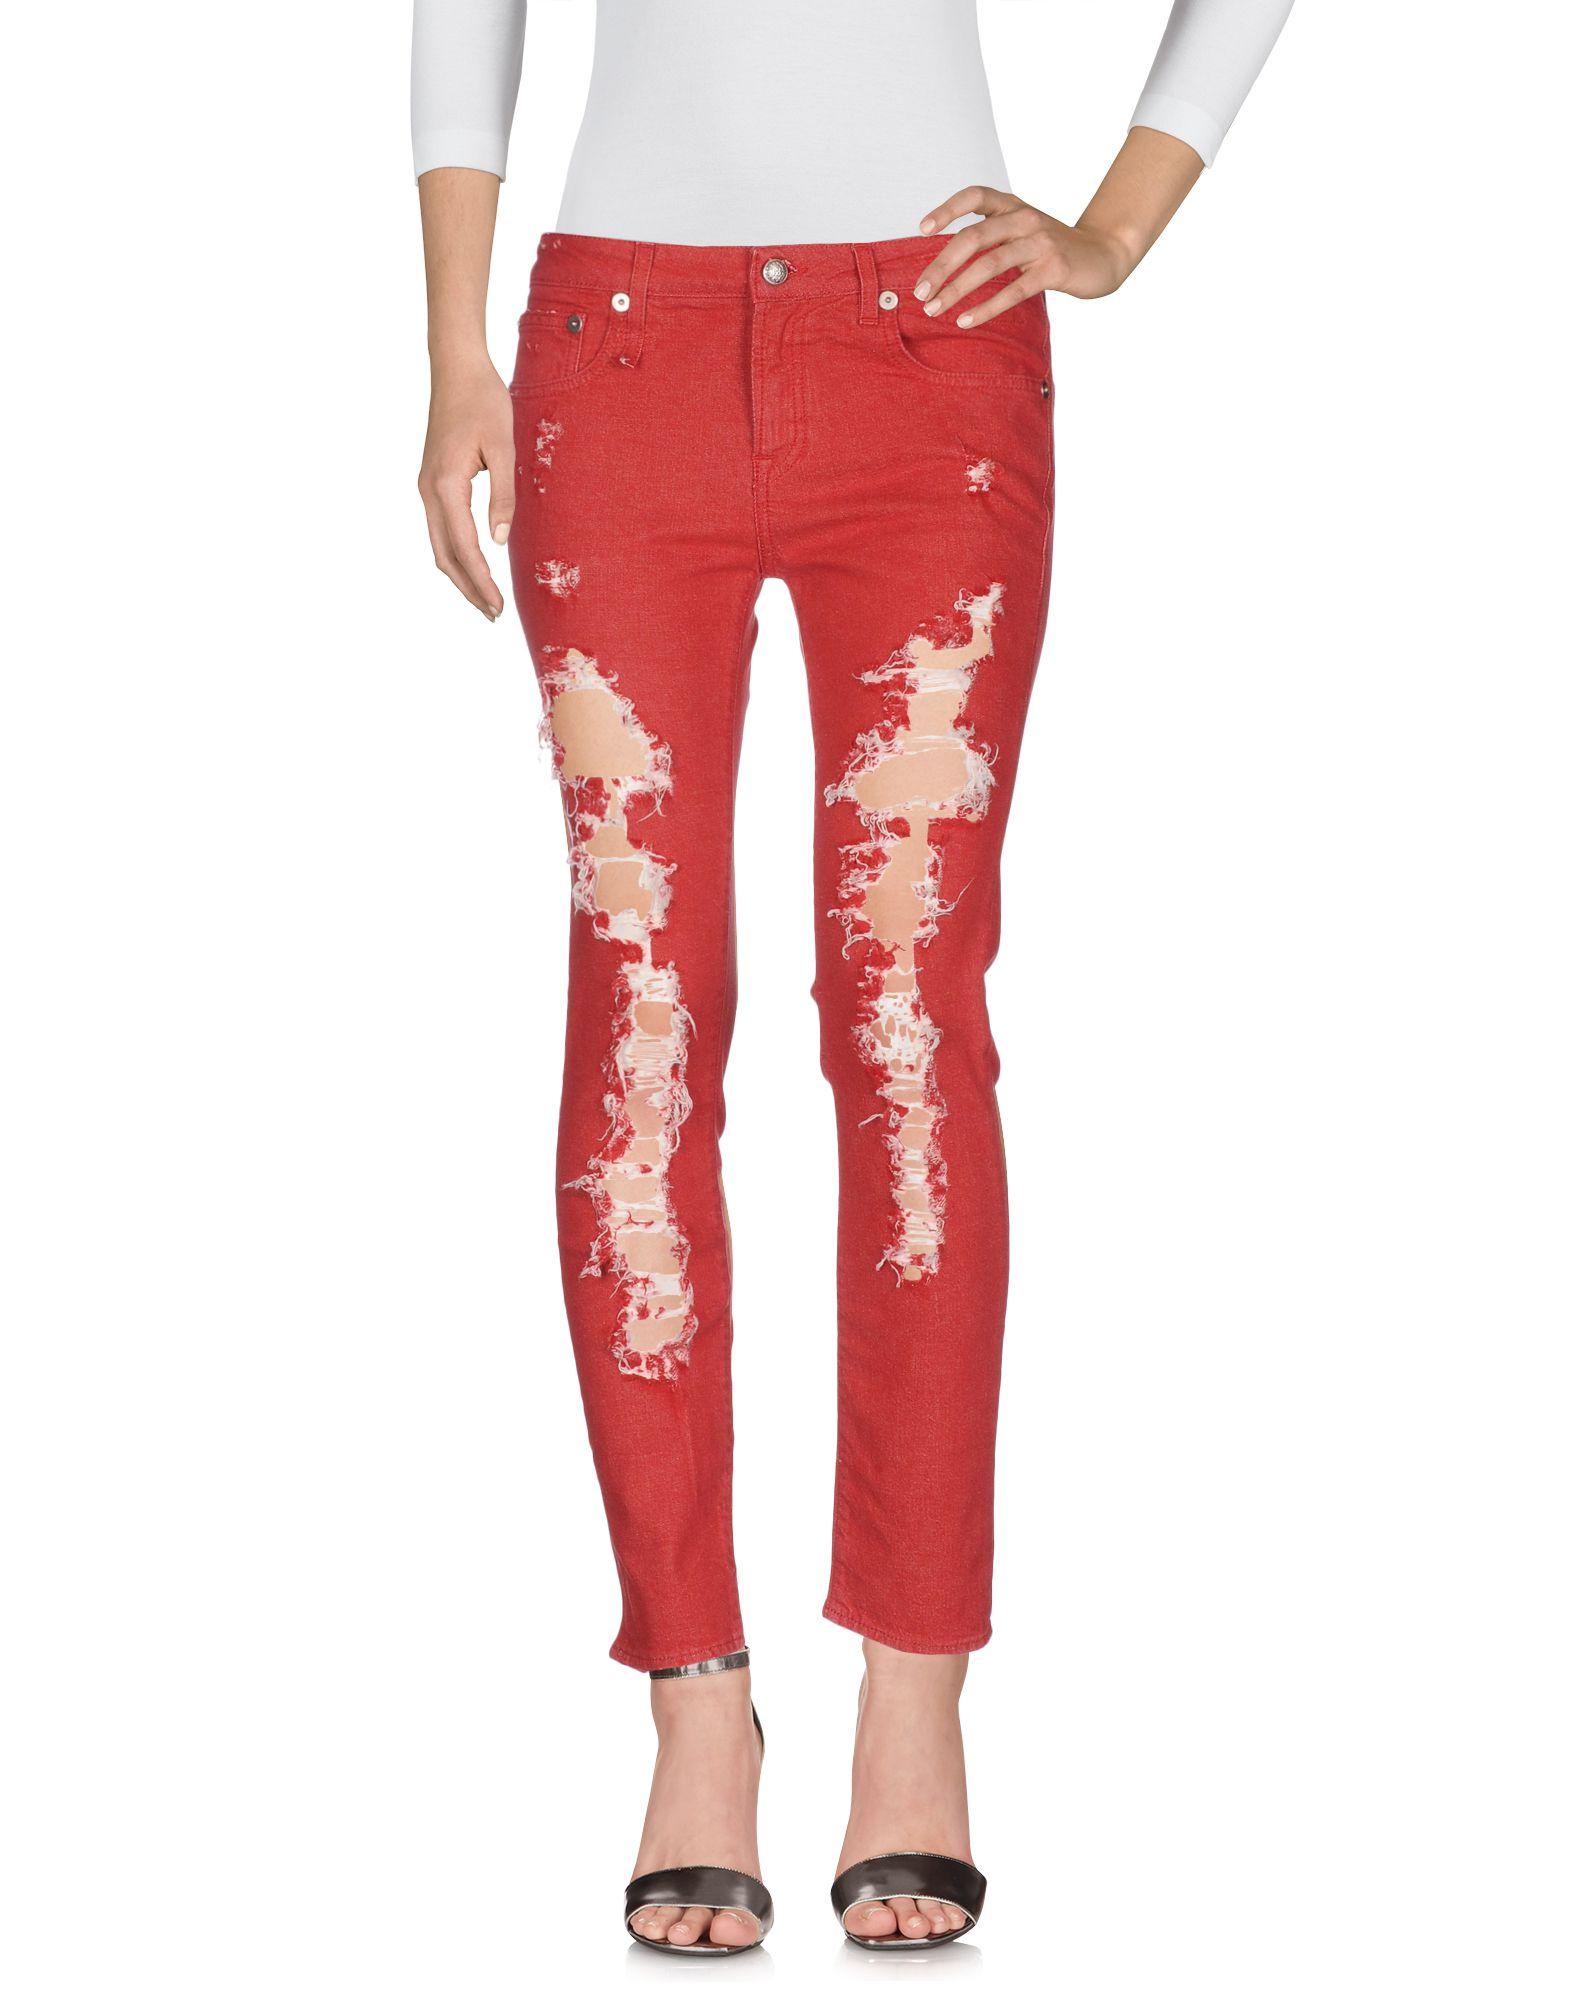 Pantaloni Jeans R13 Donna - Acquista online su eDUXSaTg